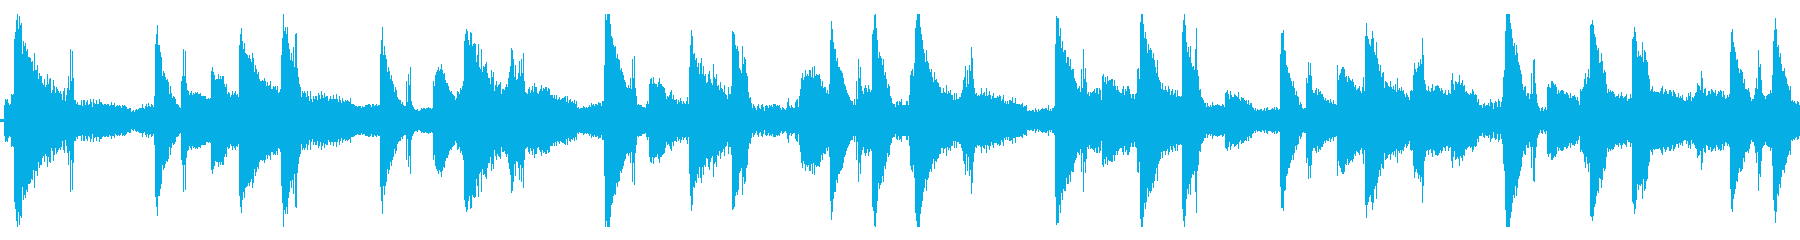 作業中に聴きたいLofi-hiphopの再生済みの波形